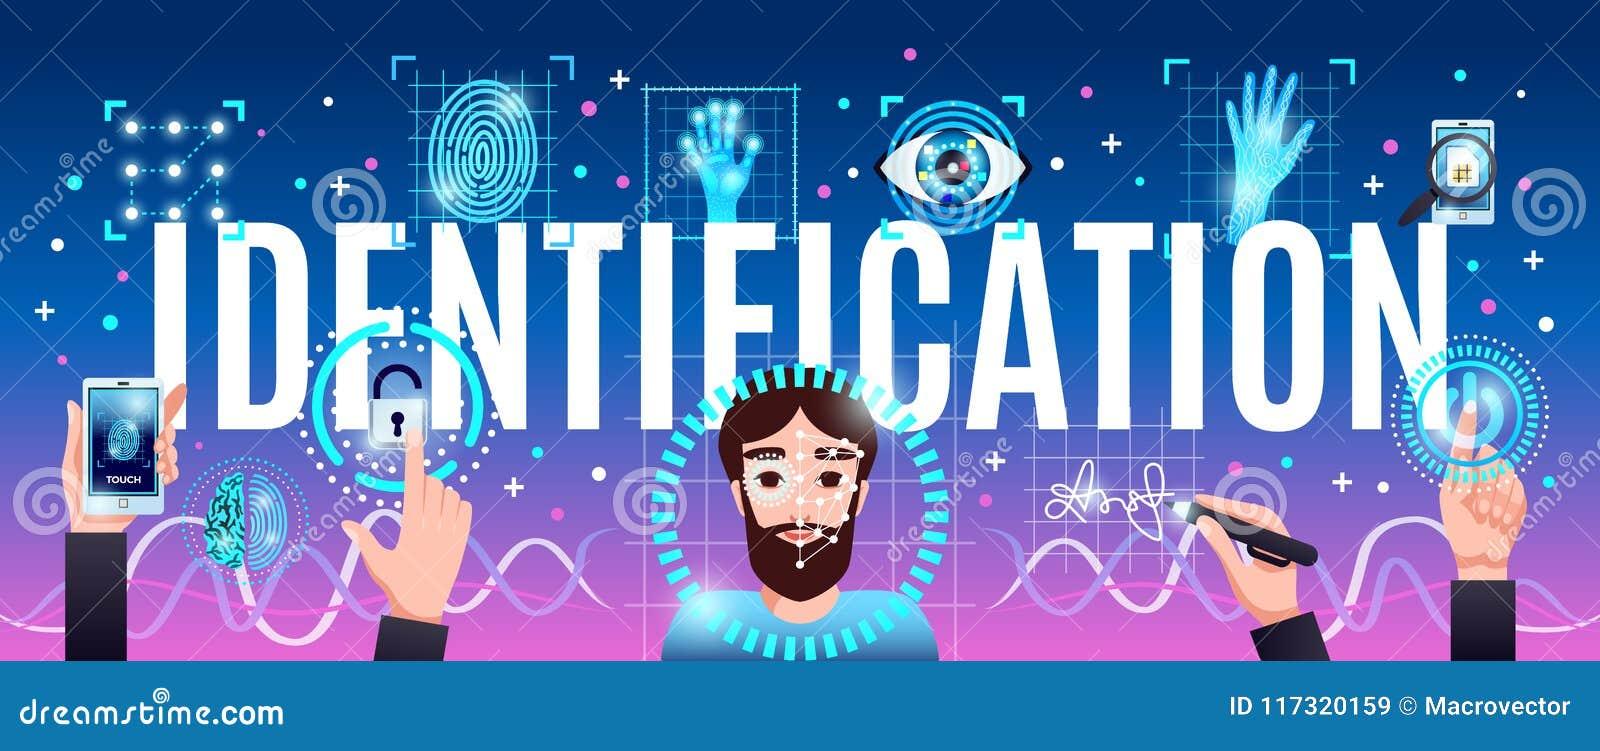 Identifizierungs-Technologie-Titel